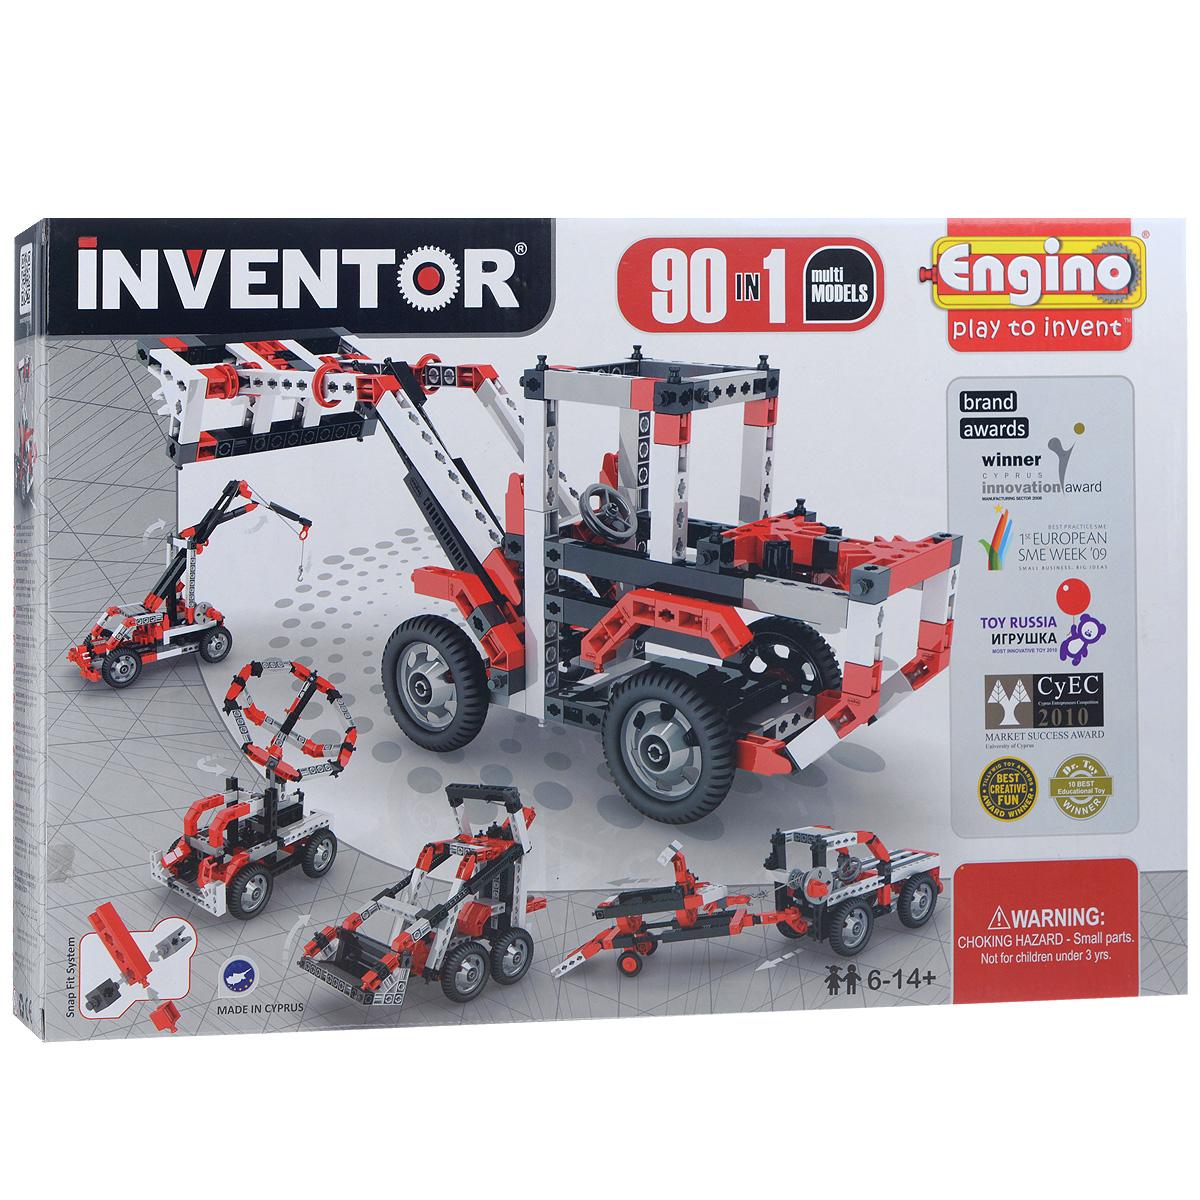 Пластиковый конструктор Engino 9030 конструктор engino inventor special edition 9030 90 моделей с двигателем